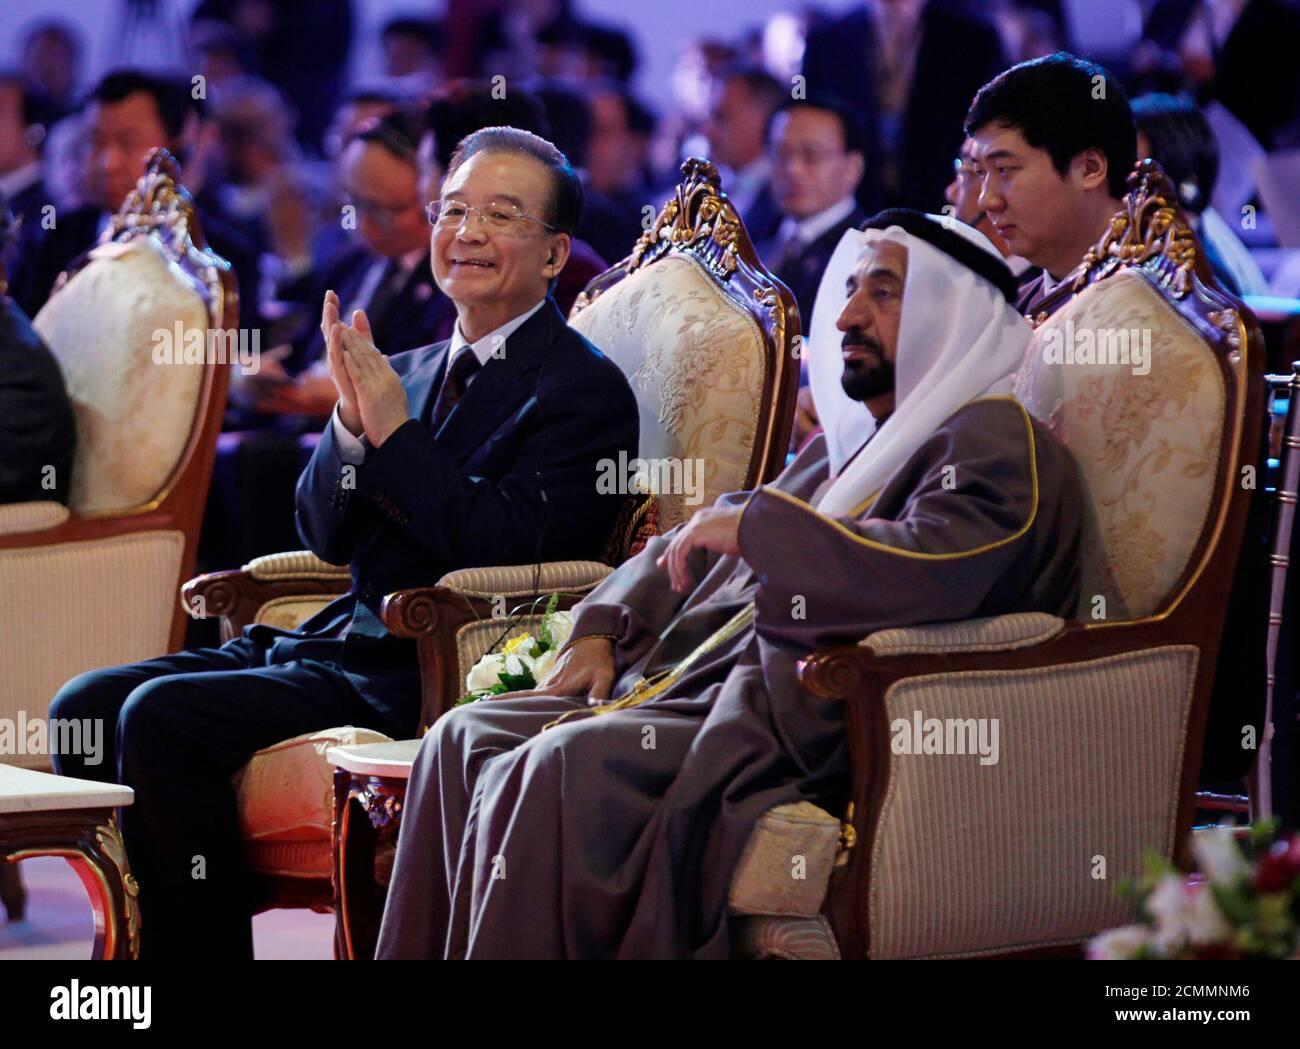 Le Premier ministre chinois Wen Jiabao siège avec le gouverneur de Sharjah Sheikh Sultan Bin Mohammed Al Qasimi lors de la 4e Conférence sino-arabe sur les affaires à Sharjah le 18 janvier 2012. La Chine et les Émirats arabes Unis ont signé mardi un accord d'échange de devises d'une valeur de 35 milliards de yuans (5.54 milliards de dollars), a déclaré la Banque populaire de Chine, ajoutant que l'accord était efficace pendant trois ans et relancerait le commerce et l'investissement dans les deux sens. L'accord signé à Dubaï a été annoncé pendant que Wen se présente au Moyen-Orient, y compris dans les Émirats, et est le dernier d'une série d'arrangements visant à faciliter une plus grande utilisation du yuan i de la Chine Banque D'Images